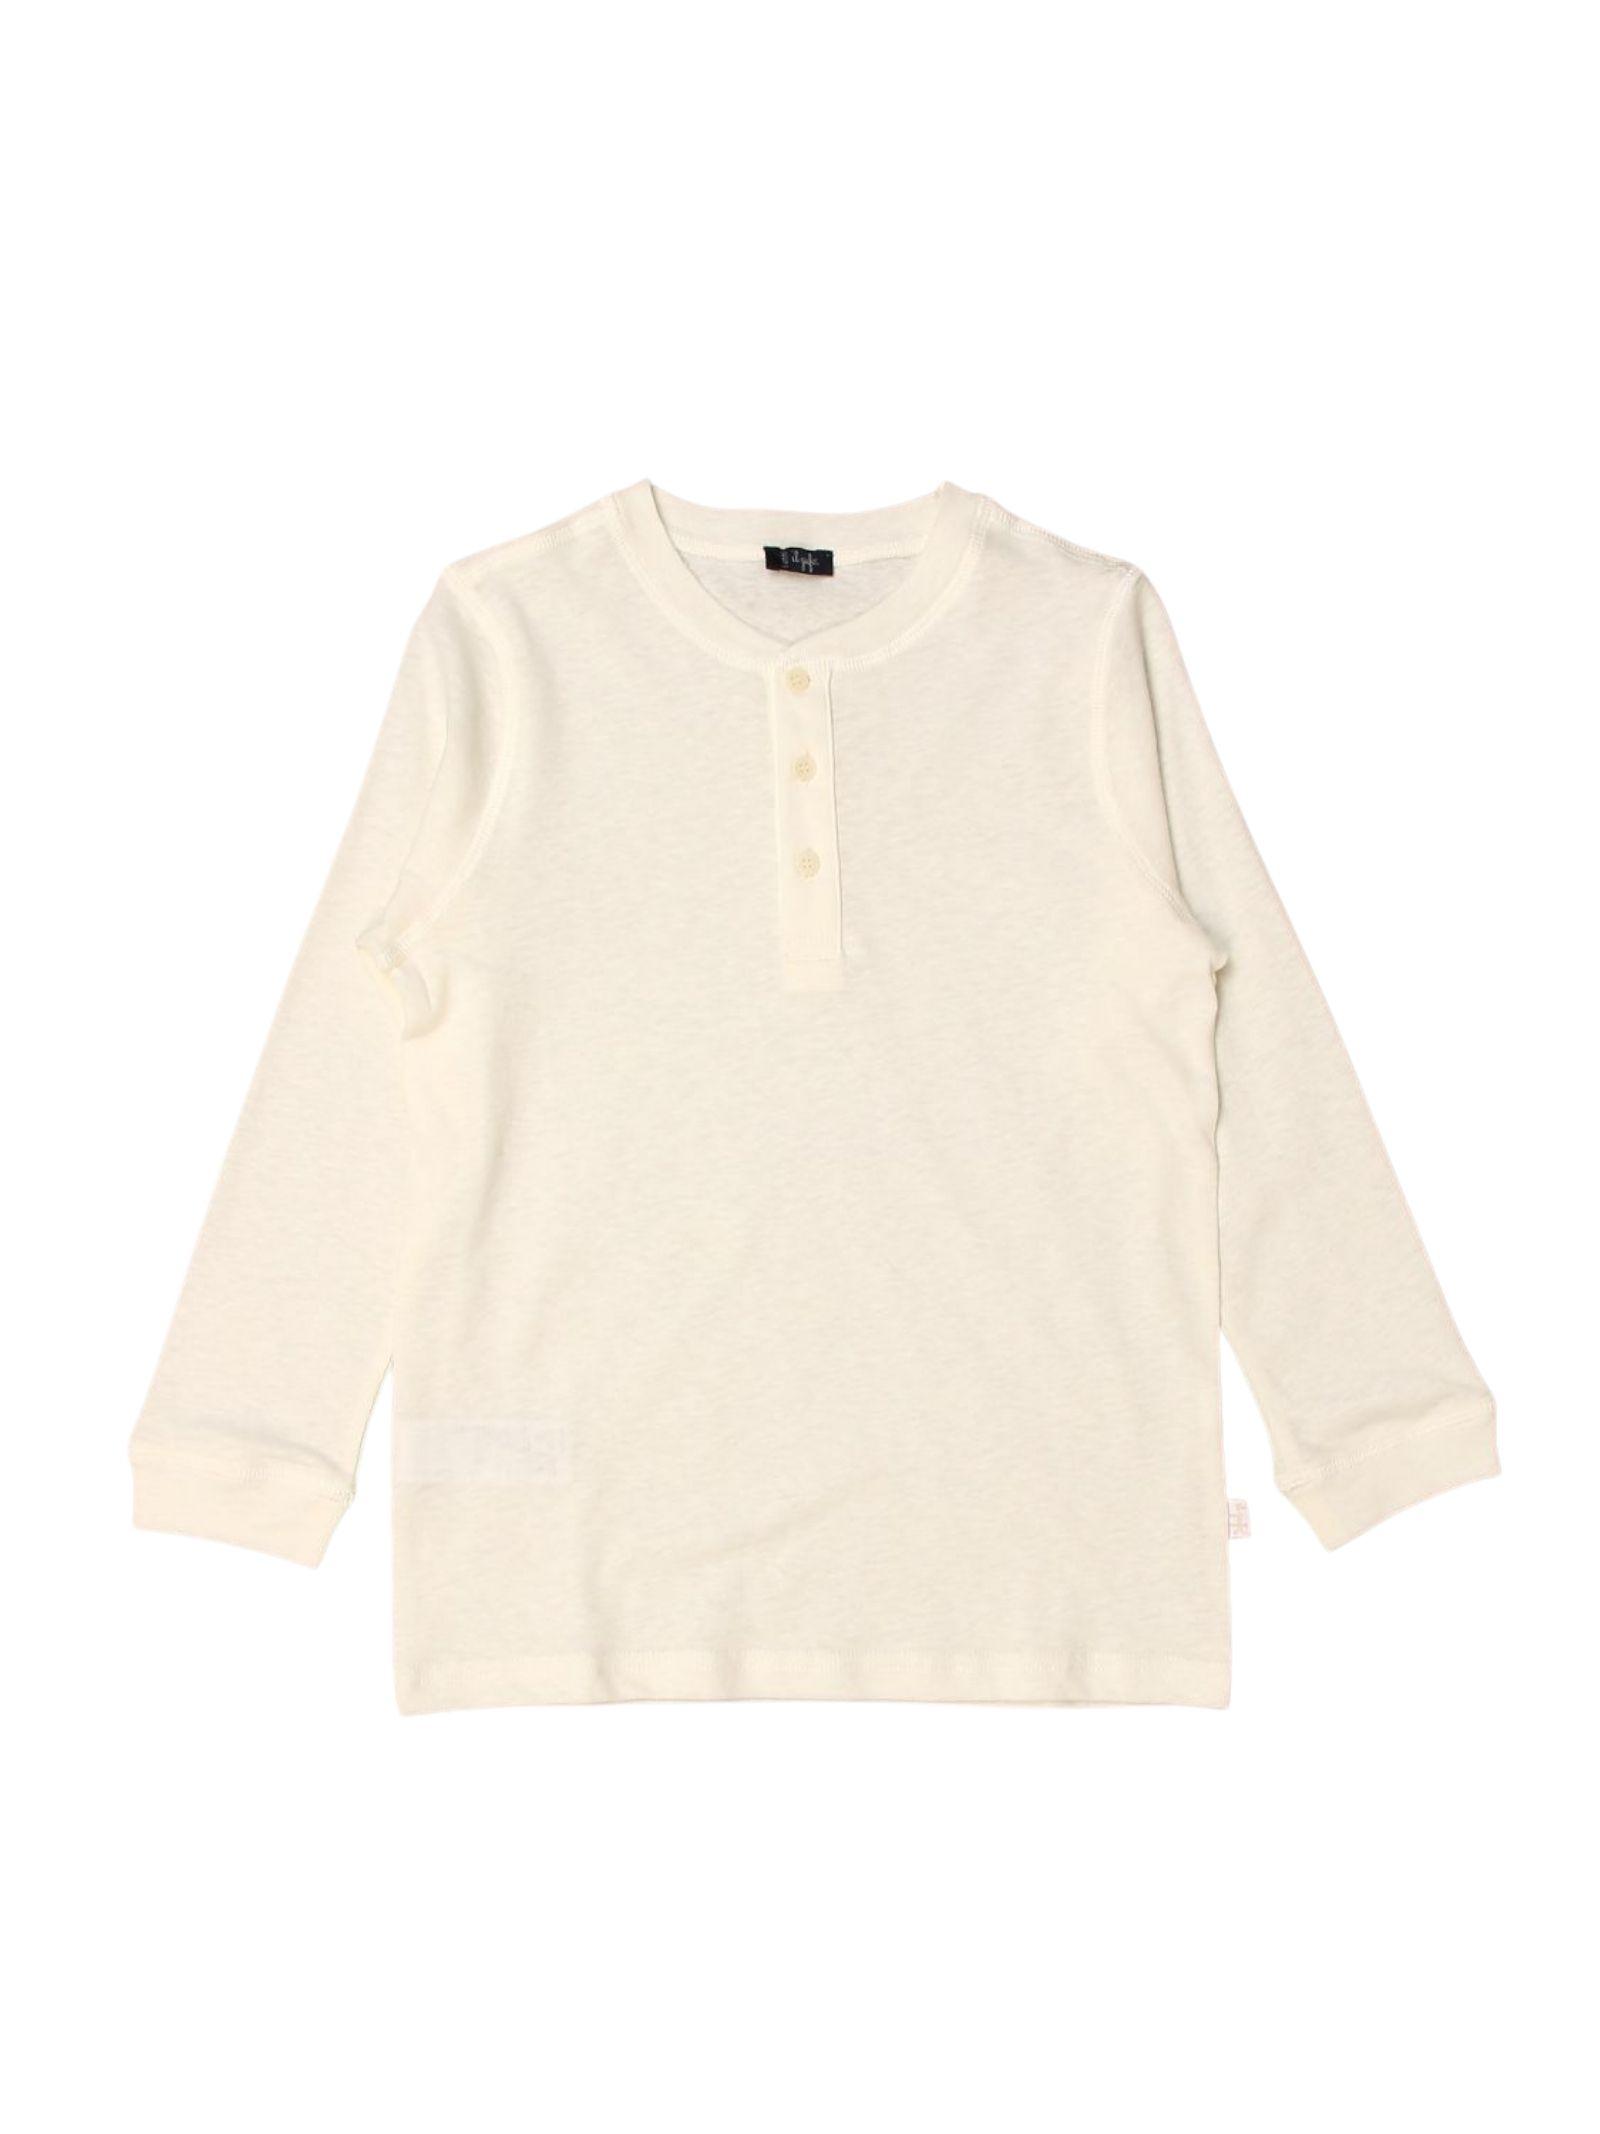 IL GUFO   T-shirt   CP21TA124M0105100